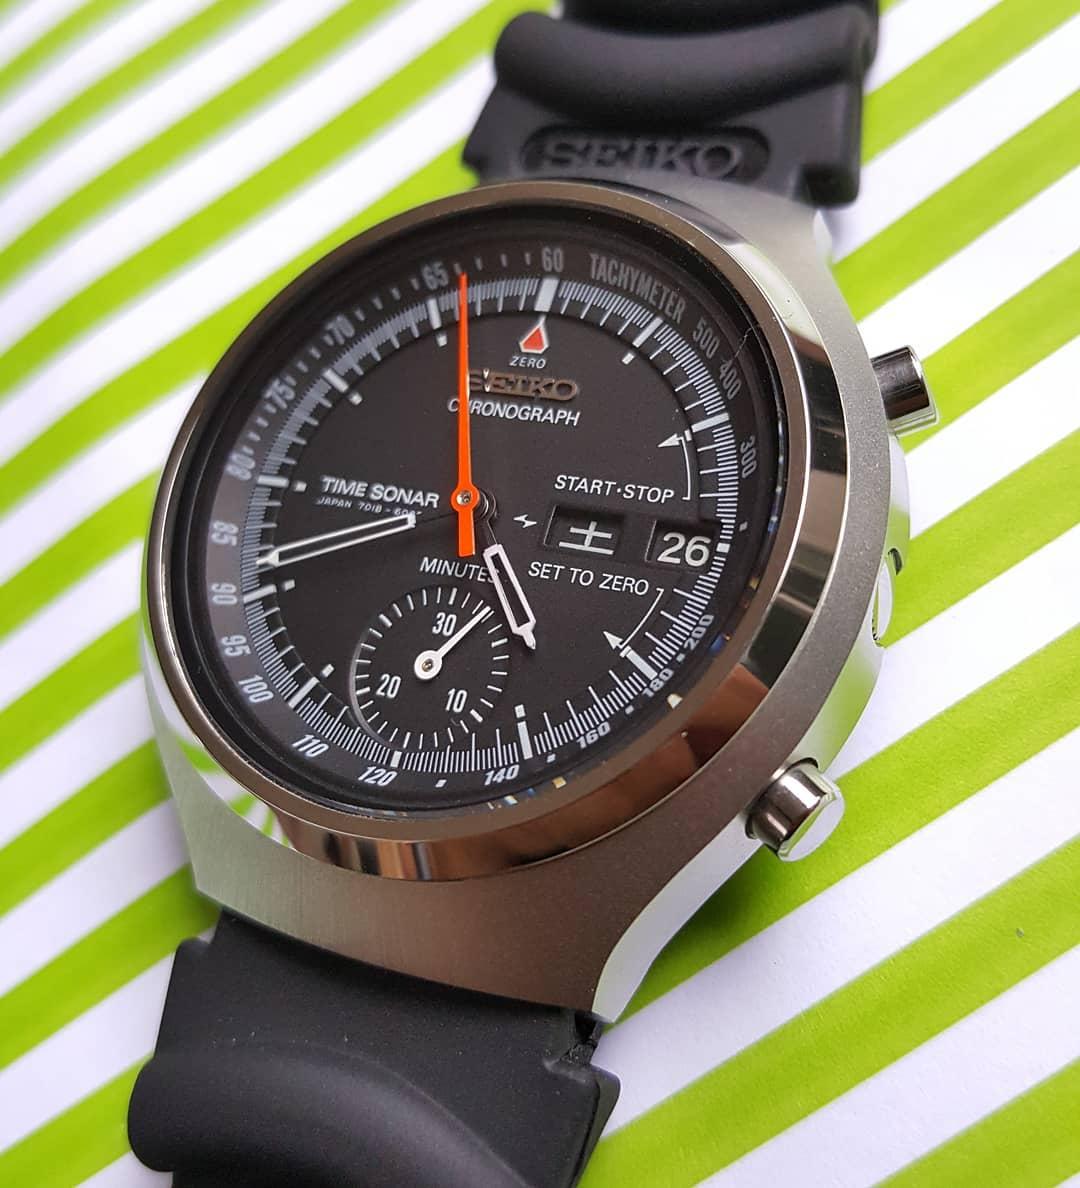 """Seiko 7018-6000 """"Time Sonar"""""""